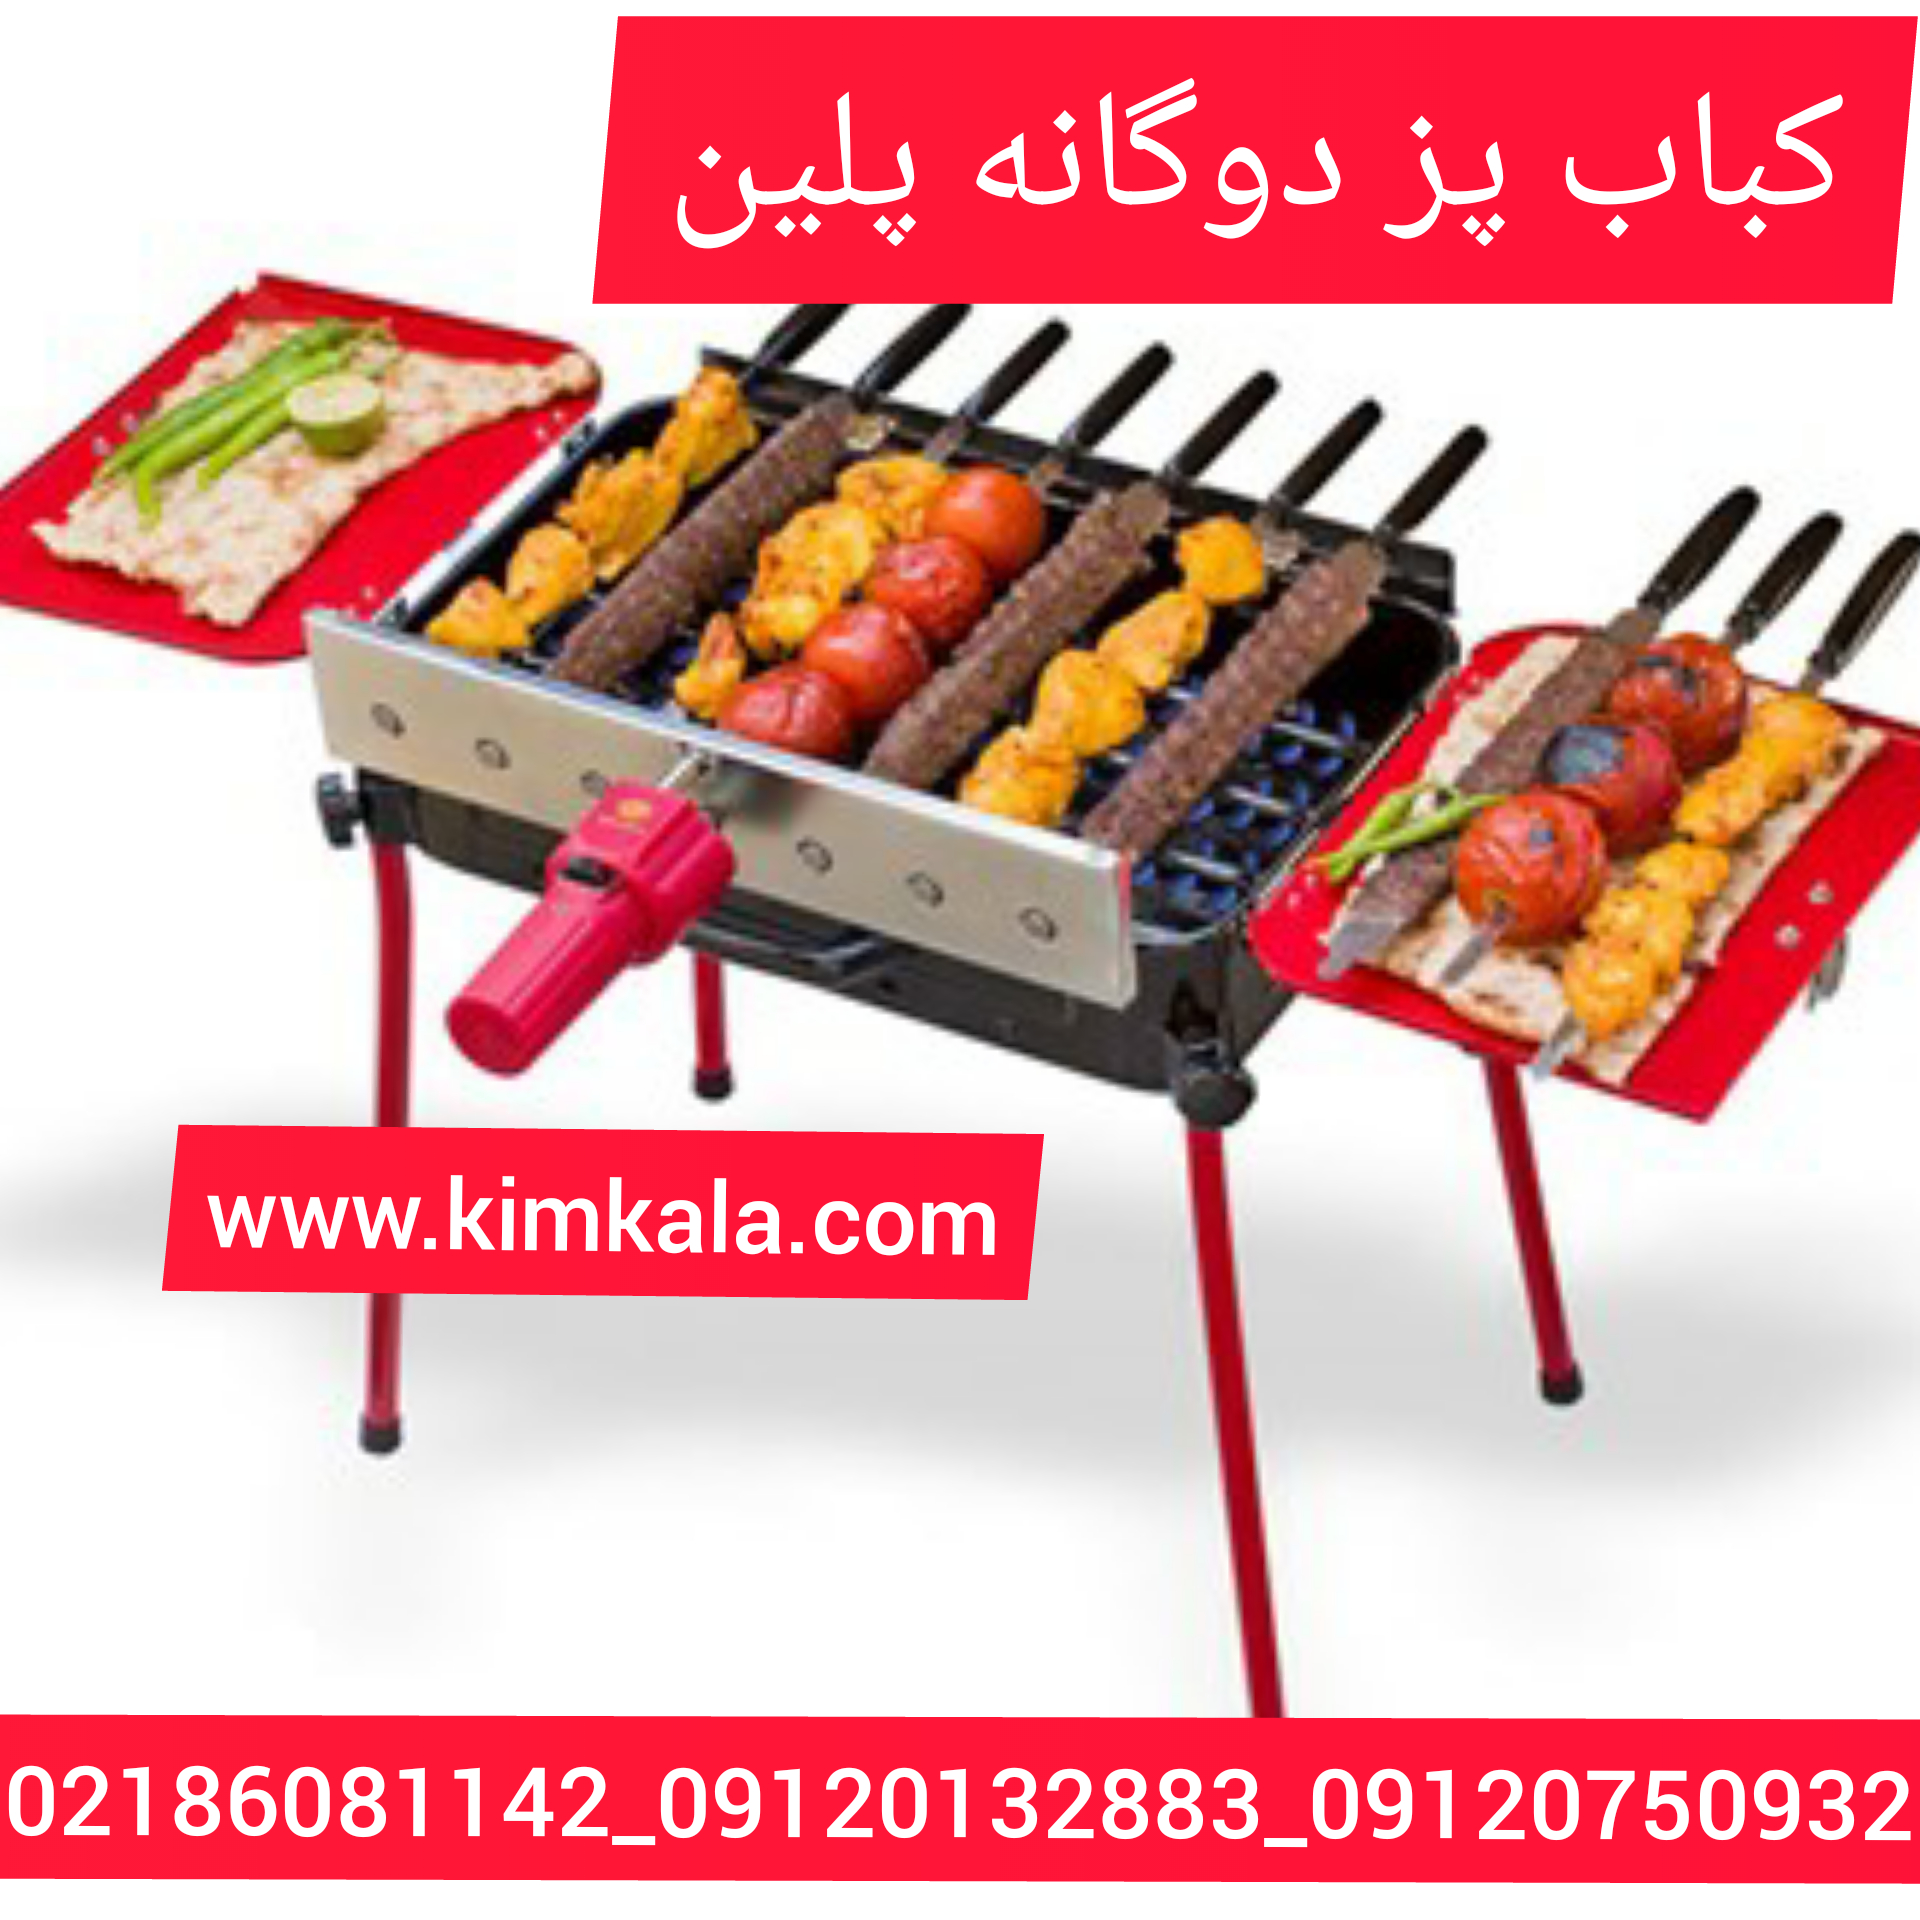 کباب پز/۰۹۱۲۰۱۳۲۸۸۳/کباب پزپلین/باربیکیو/کباب پزسیار